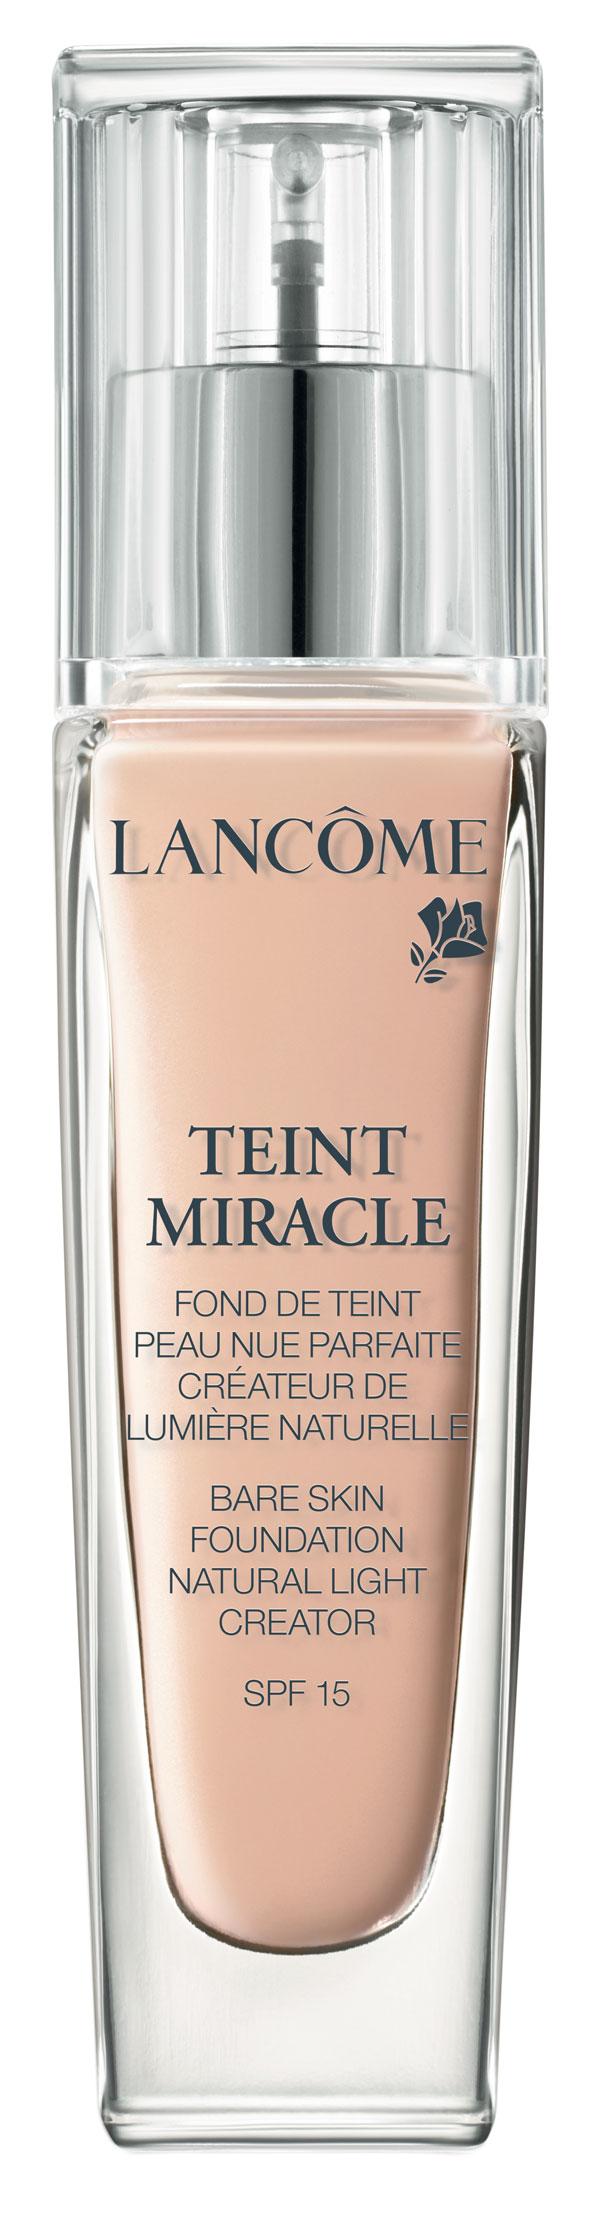 Teint-Miracle-créateur-de-lumiere-naturelle-03-Beige-Diaphane-Lancôme.-492-DH.-En-parfumeries